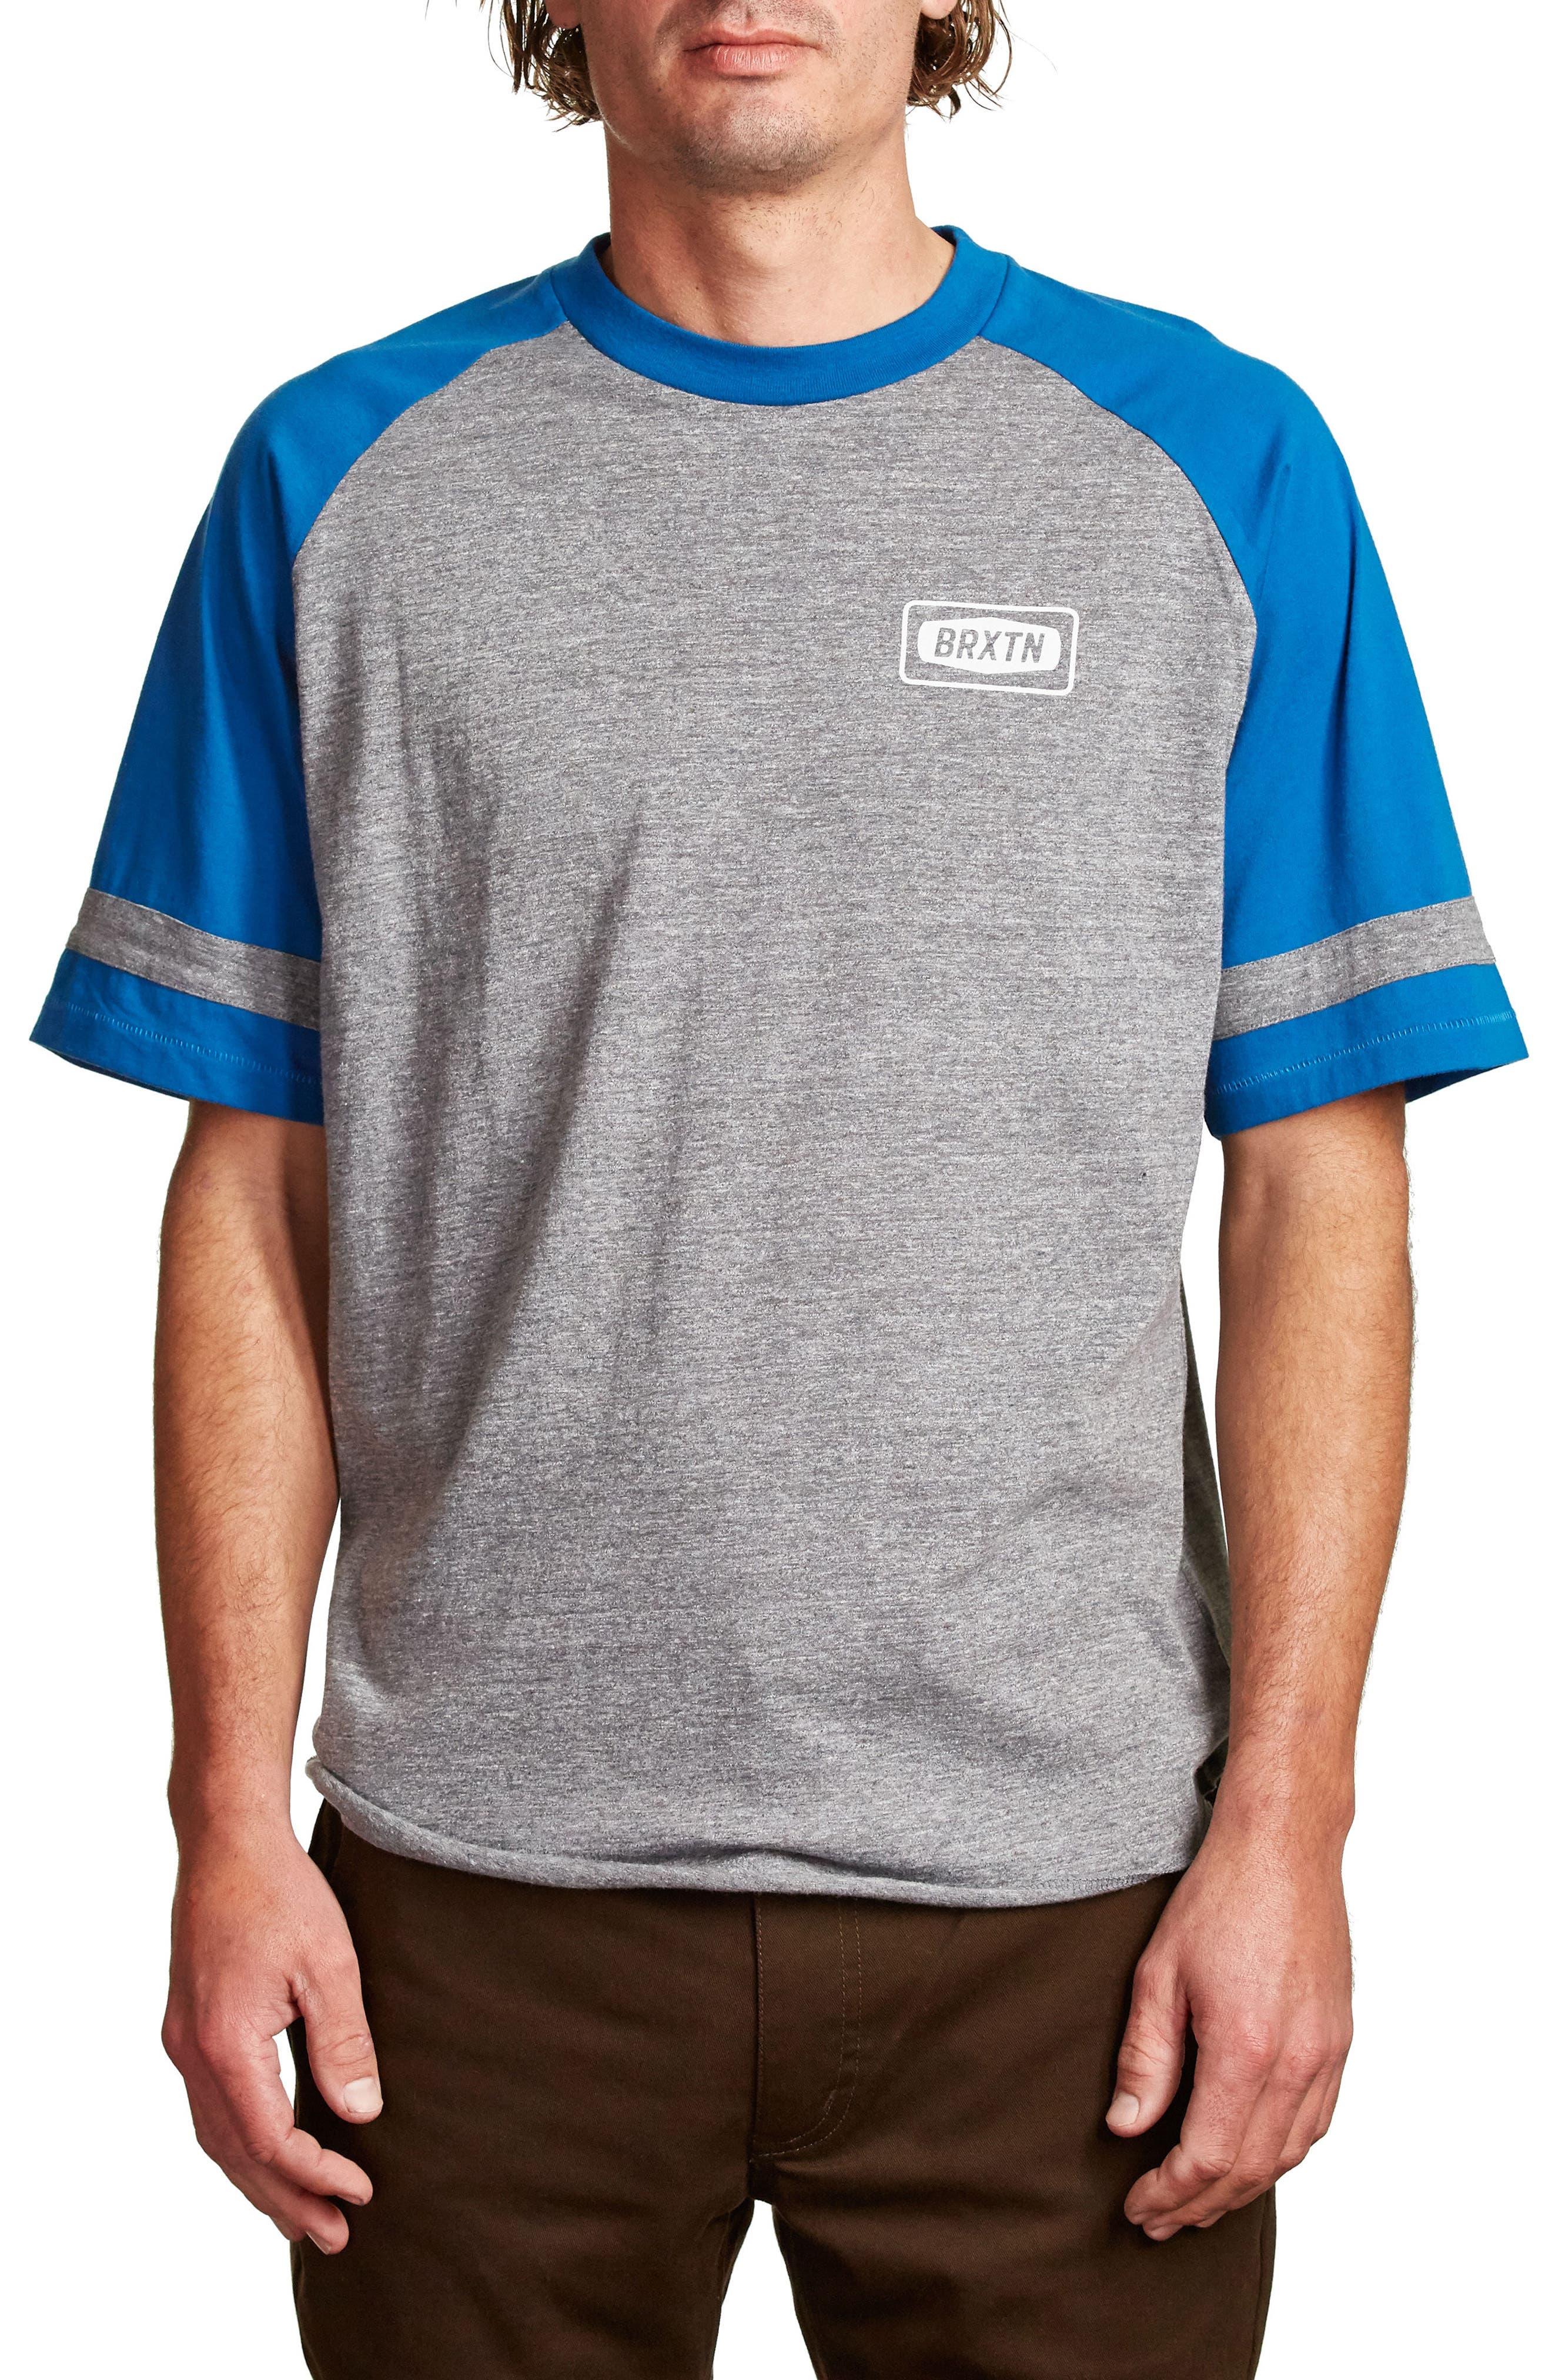 Rockford Baseball T-Shirt,                             Main thumbnail 1, color,                             Heather Grey/ Royal